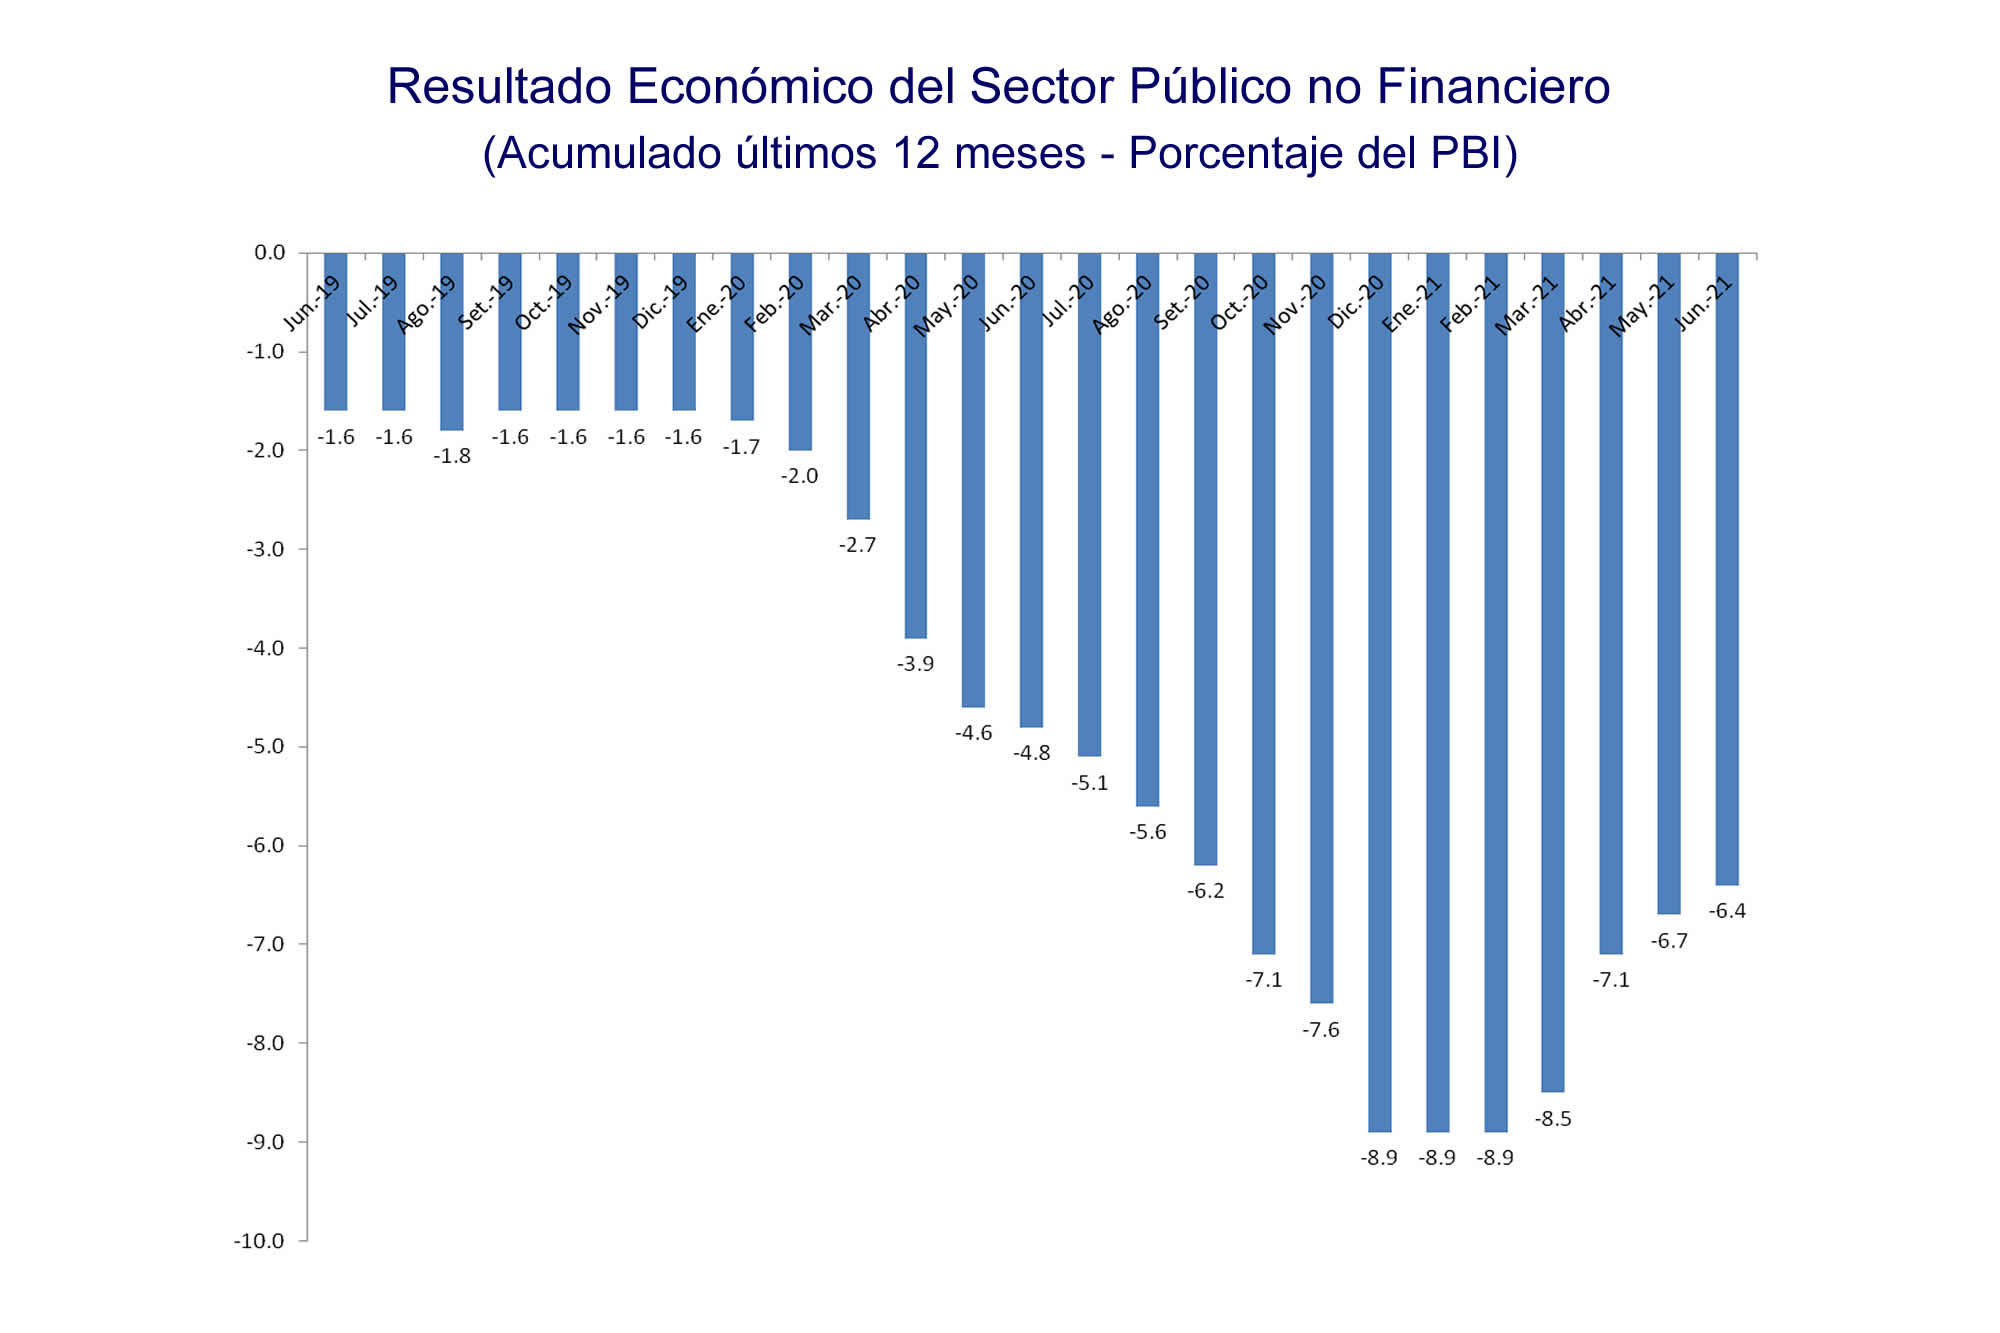 INKARIPERU | RESULTADO ECONOMICO DEL SECTOR PUBLICO NO FINANCIERO